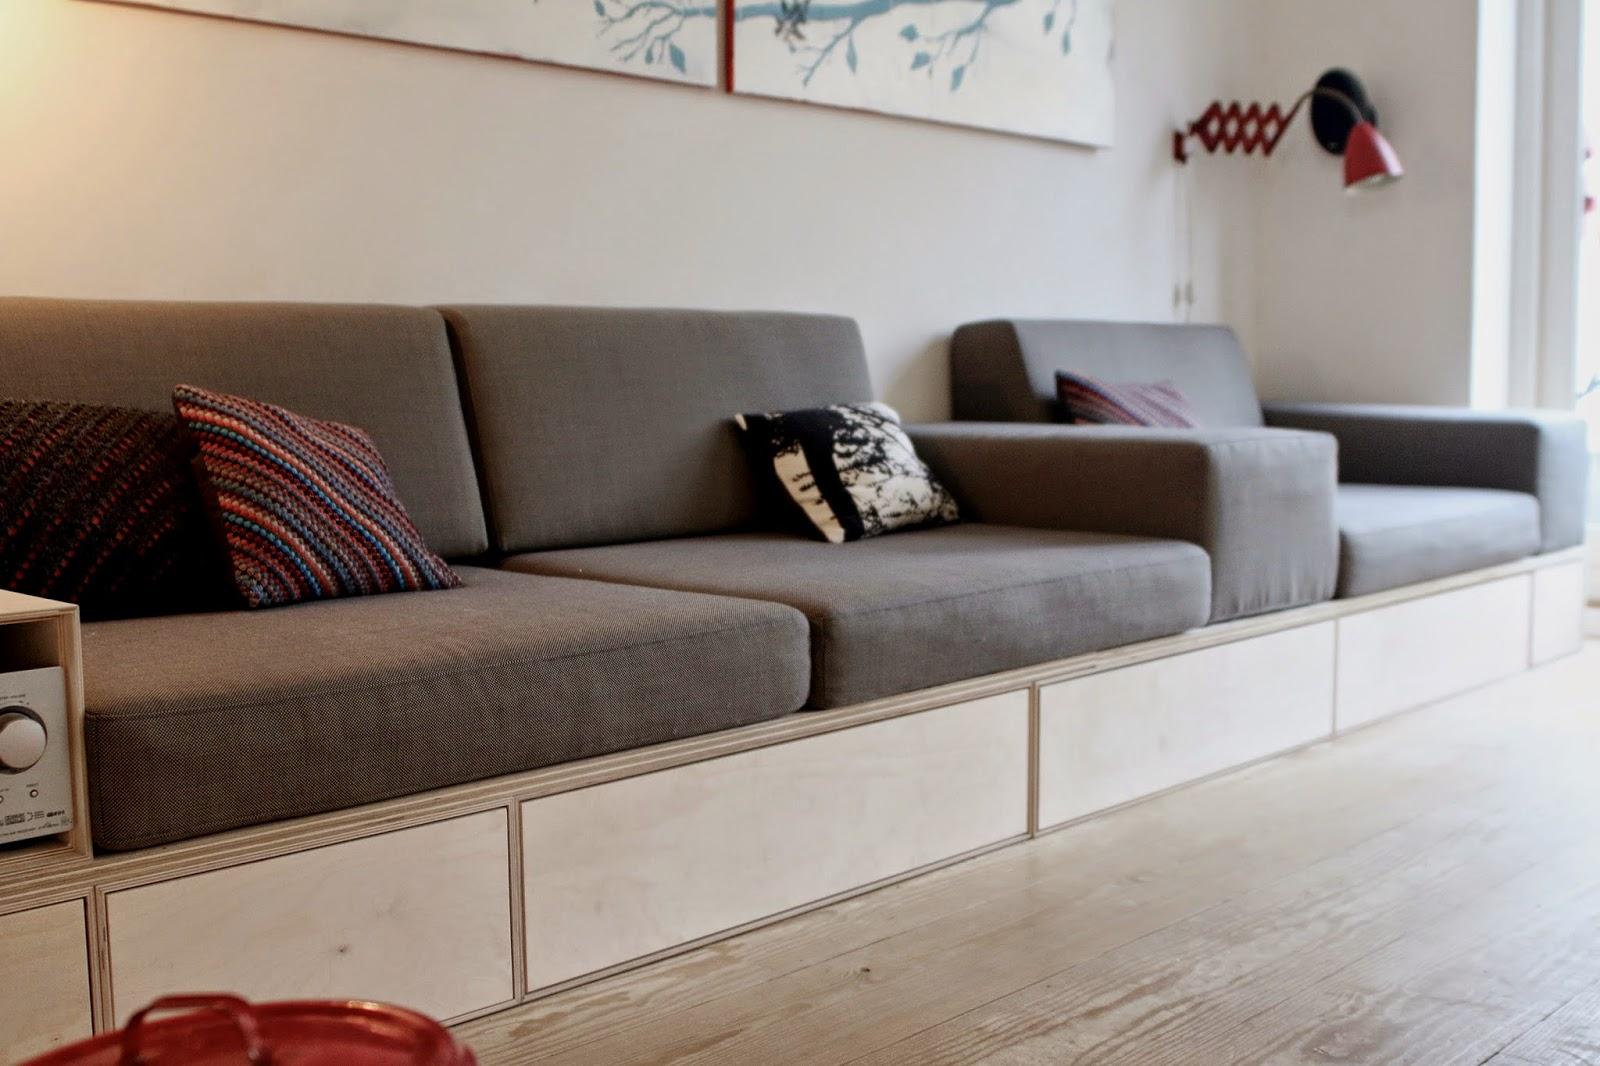 #634135 Meget bedømt Drømmesofa Skumhuset Gør Det Selv Lounge Sofa 5699 160010665699